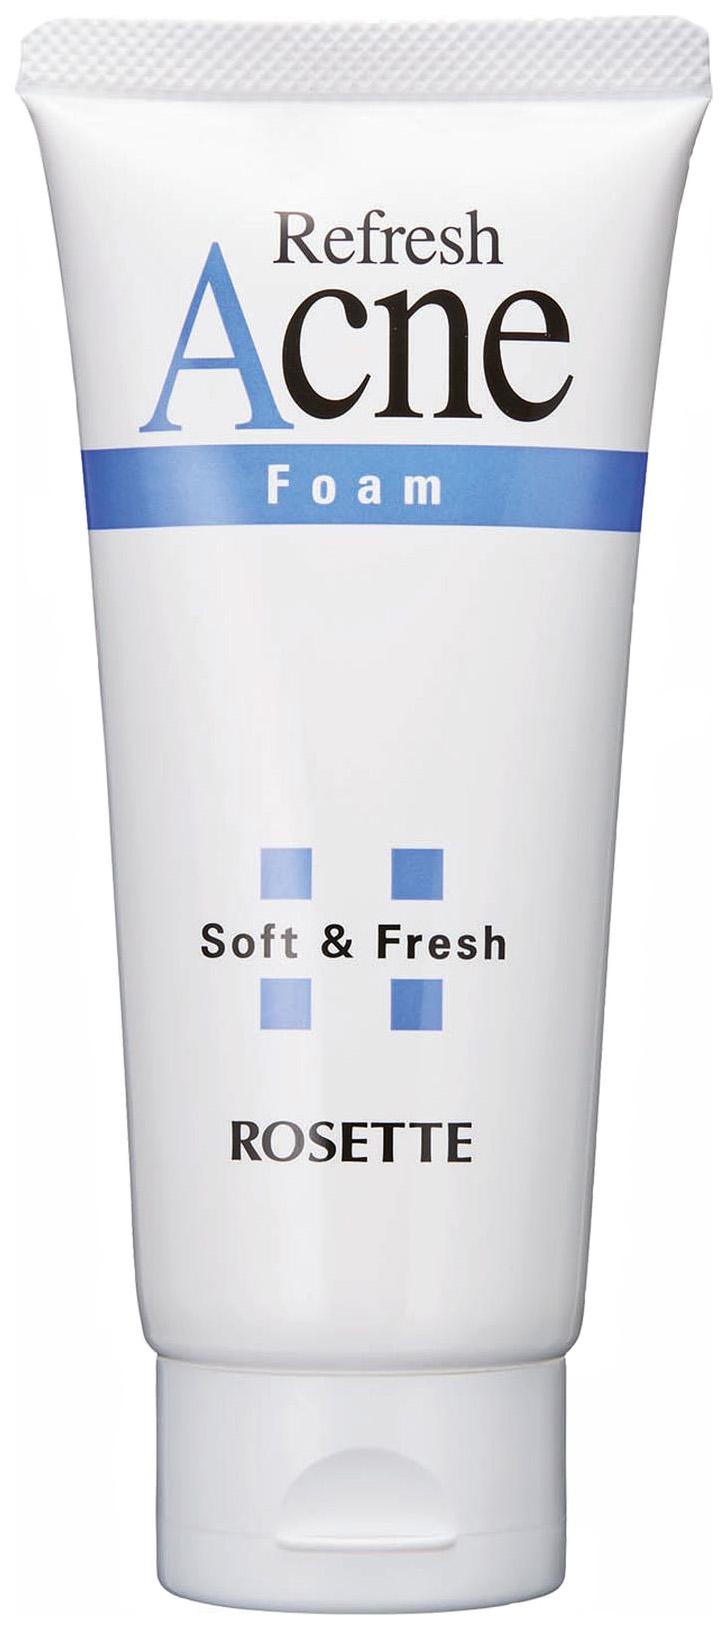 Купить Пенка для умывания Rosette Acne Foam с серой 120 г